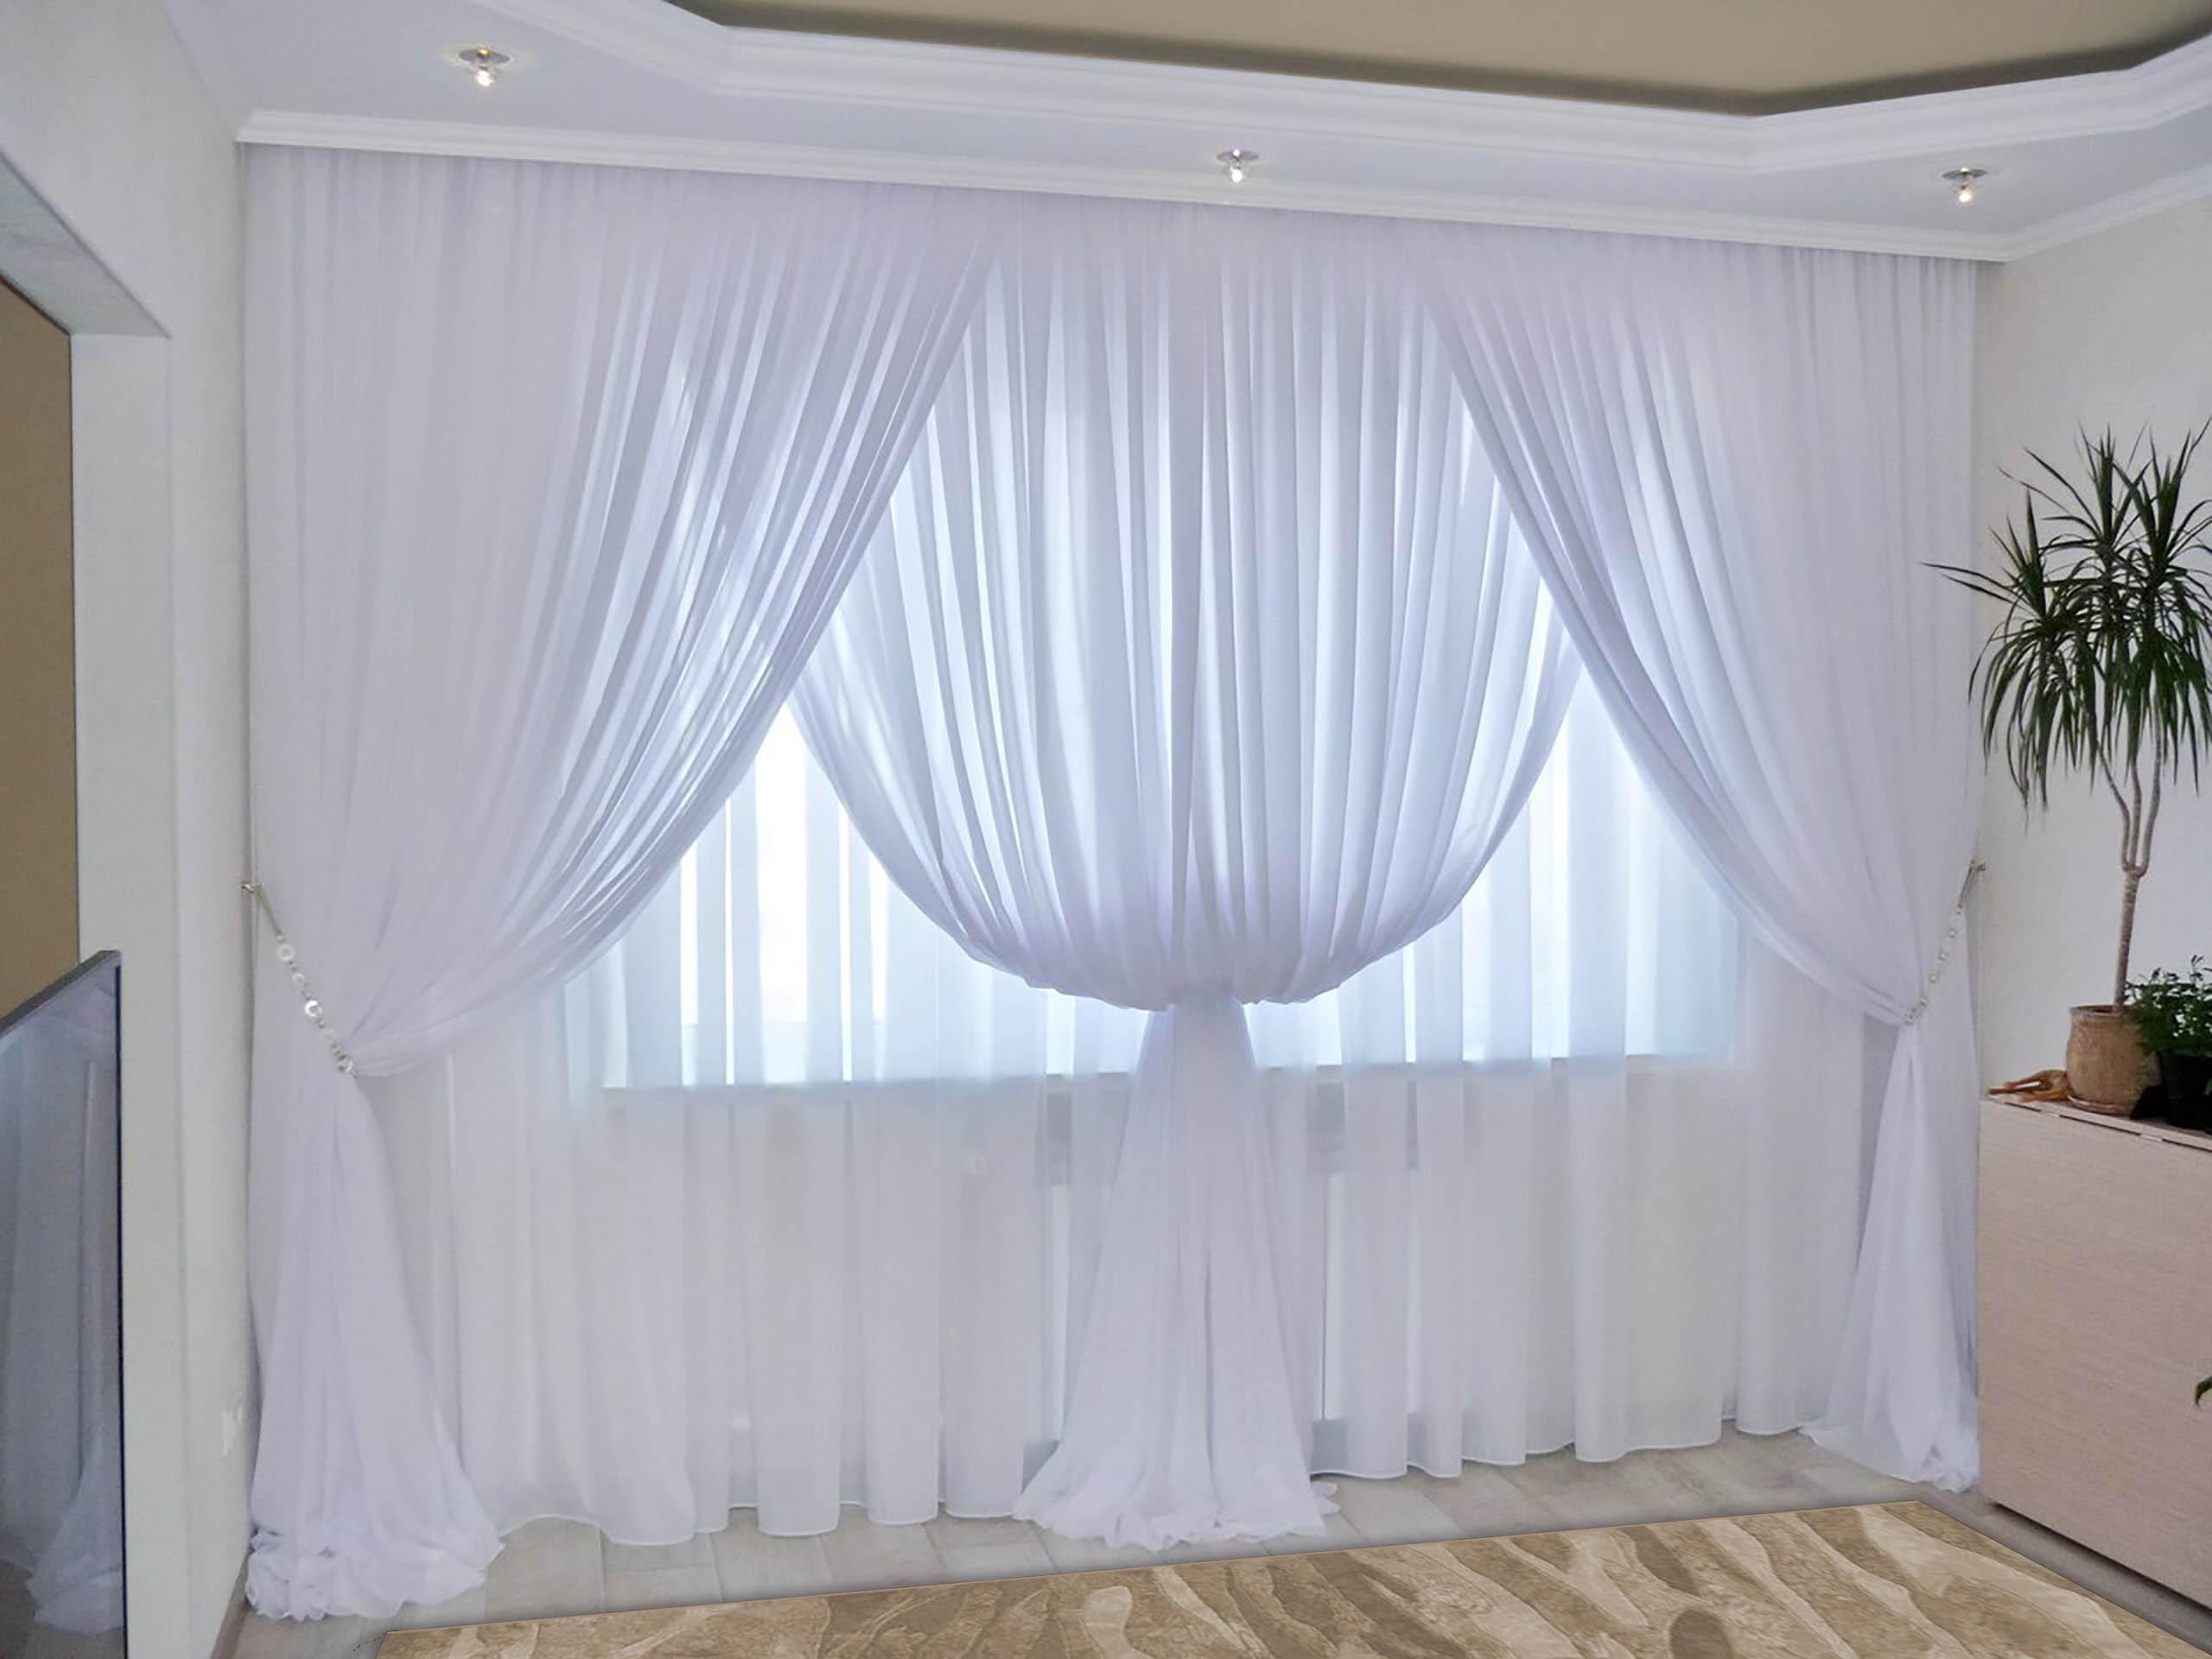 Шторы РеалТекс Классические шторы Augustine Цвет: Белый шторы реалтекс классические шторы alberta цвет персиковый молочный